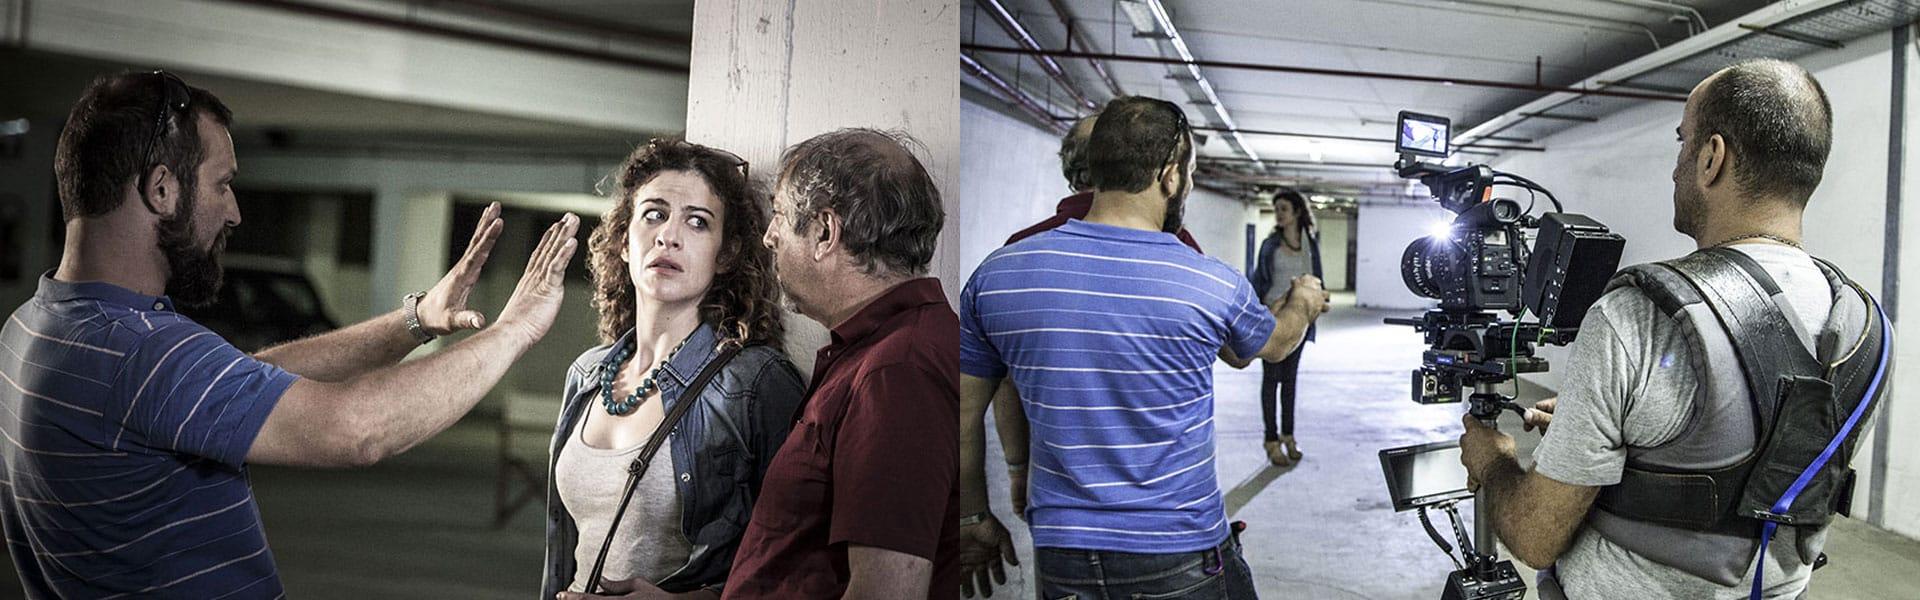 Italian Horror Fest - Spot 2013 2